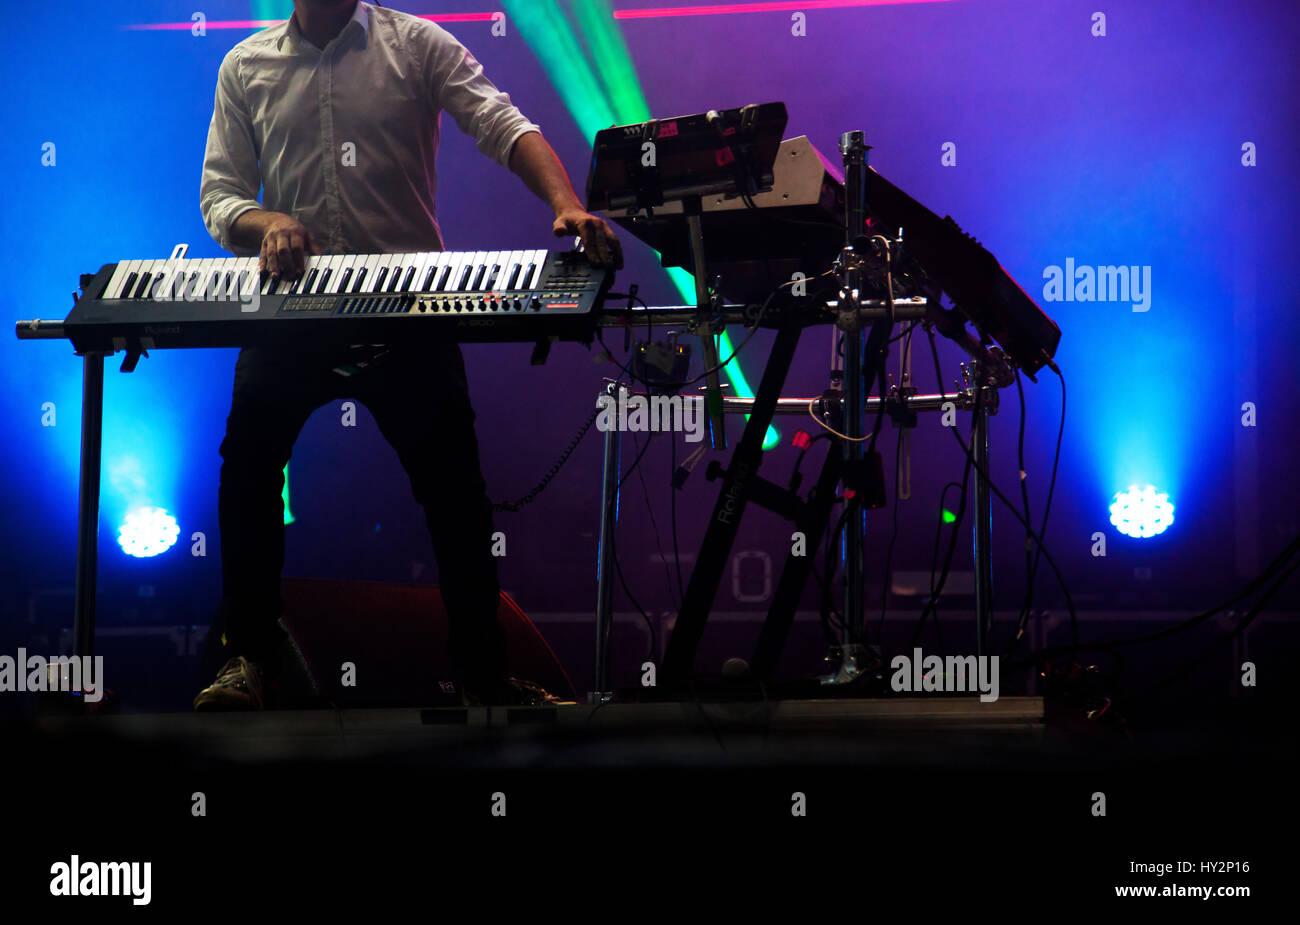 Disc jokey mixer sur scène sur fond de fumée lumineux Banque D'Images